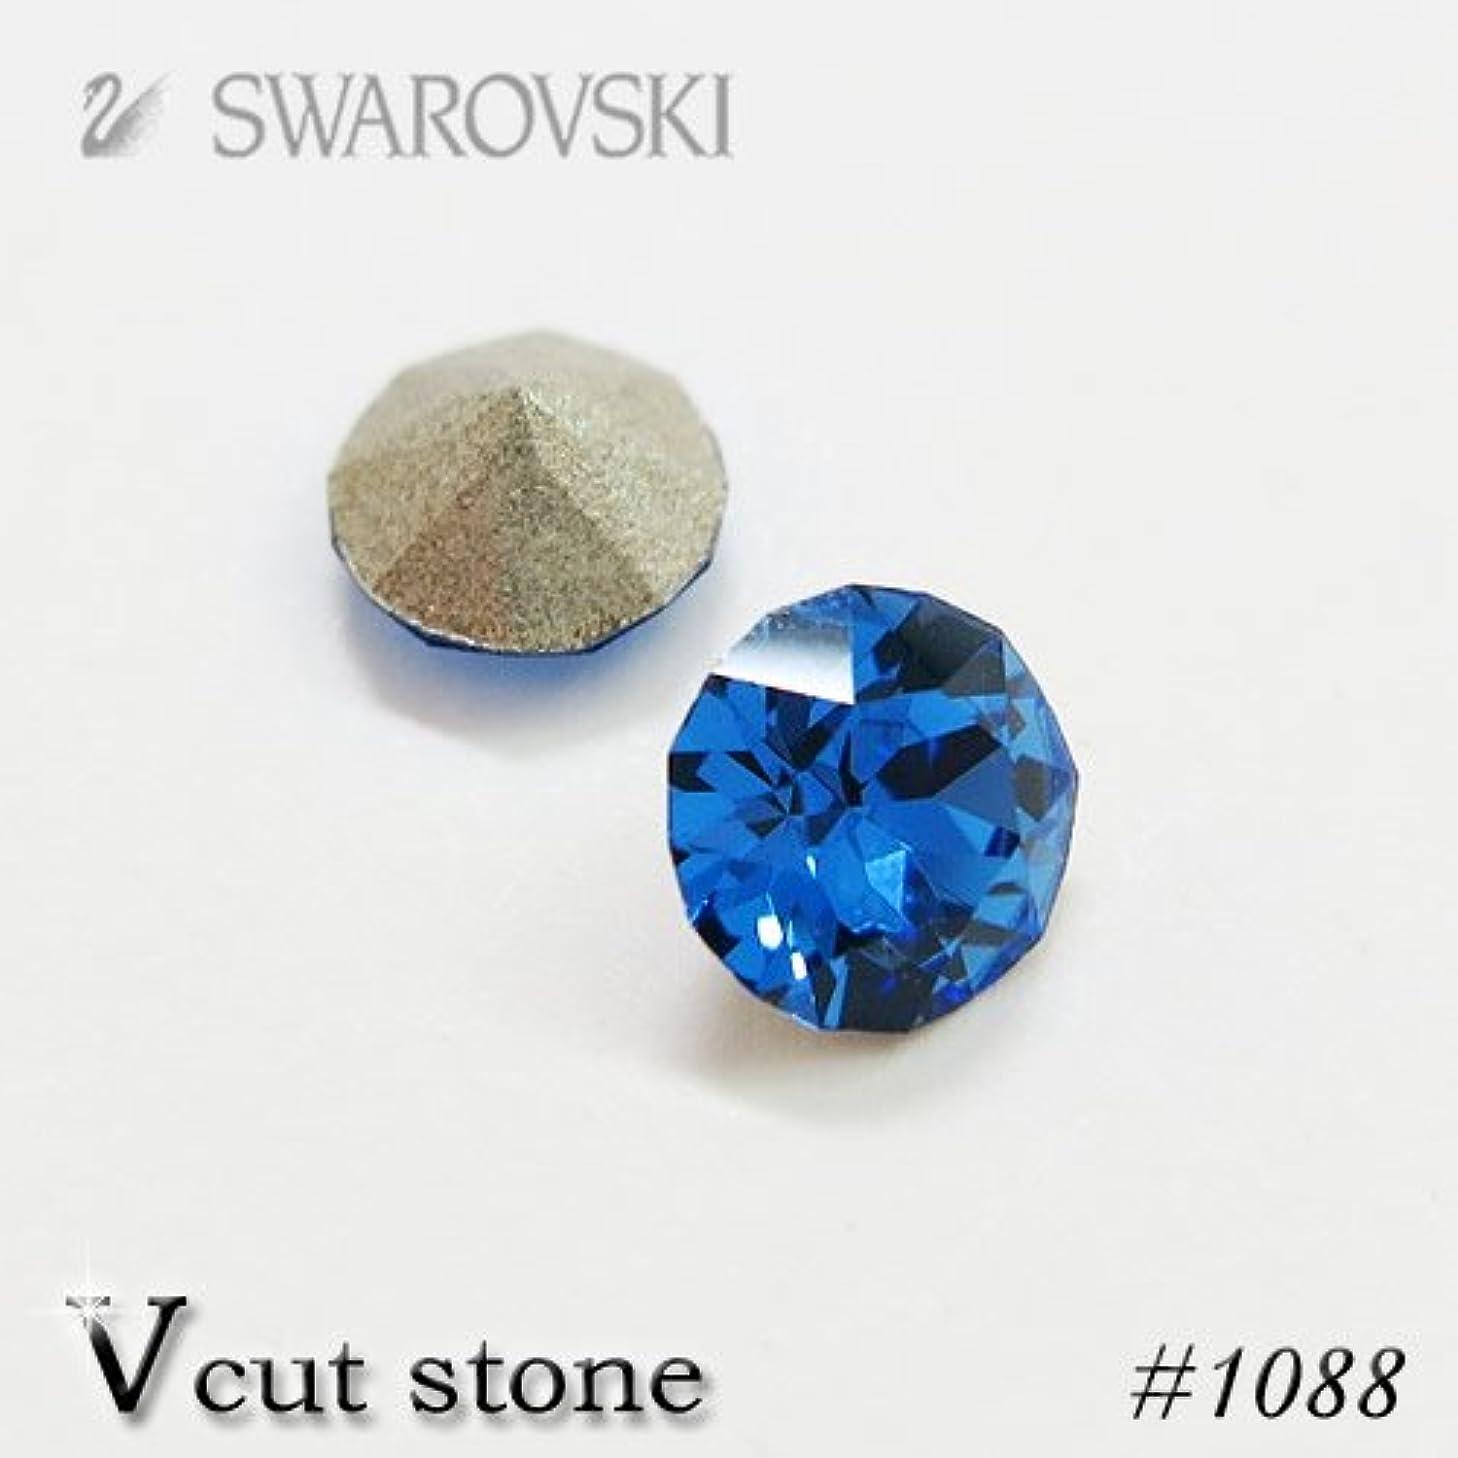 真鍮洞窟外側スワロフスキー Vカット 埋込型 #1028/#1088 ●pp24 (10粒入) サファイア 【小さめサイズ?カラーその2】